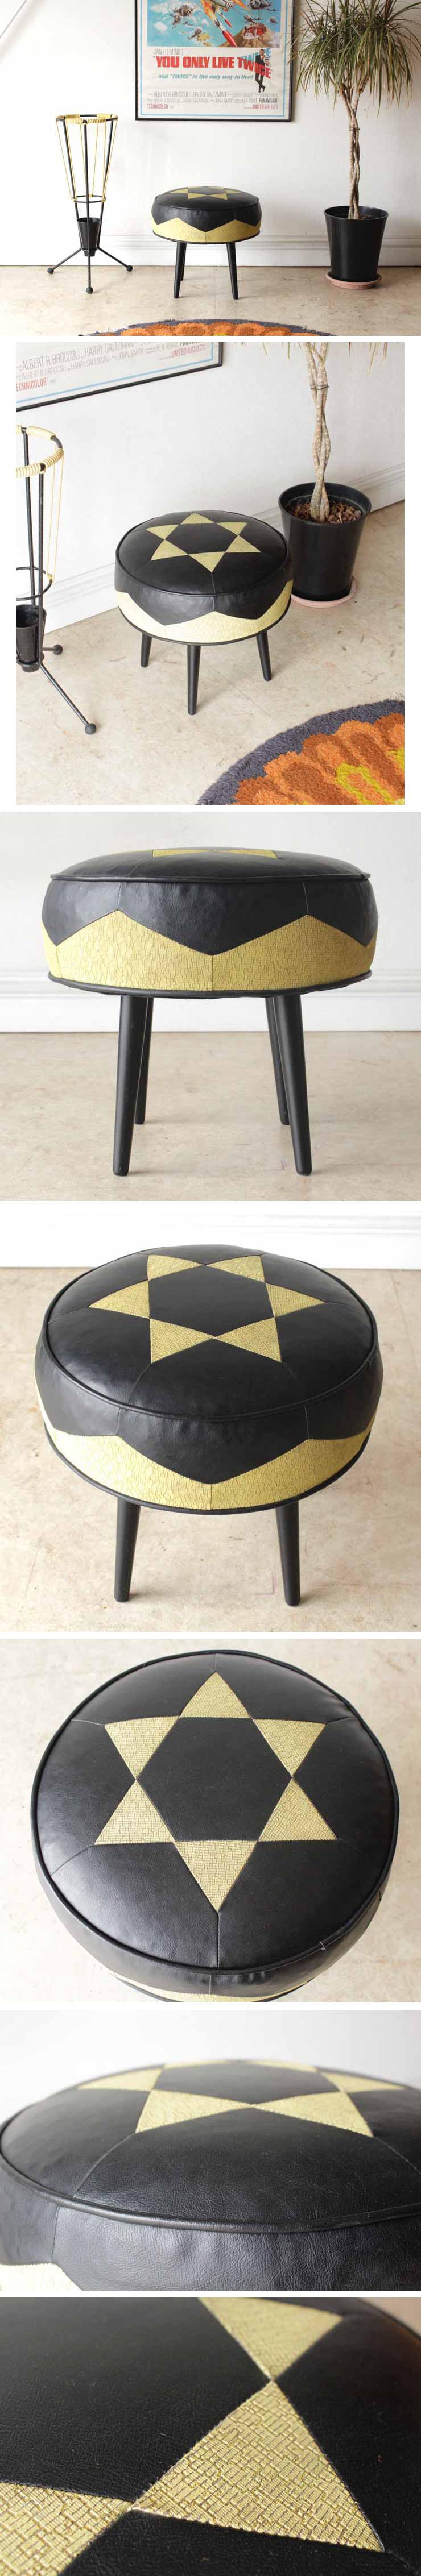 イギリス・オットマン・フットスツール・椅子・ビンテージ・アンティーク・ブロカント